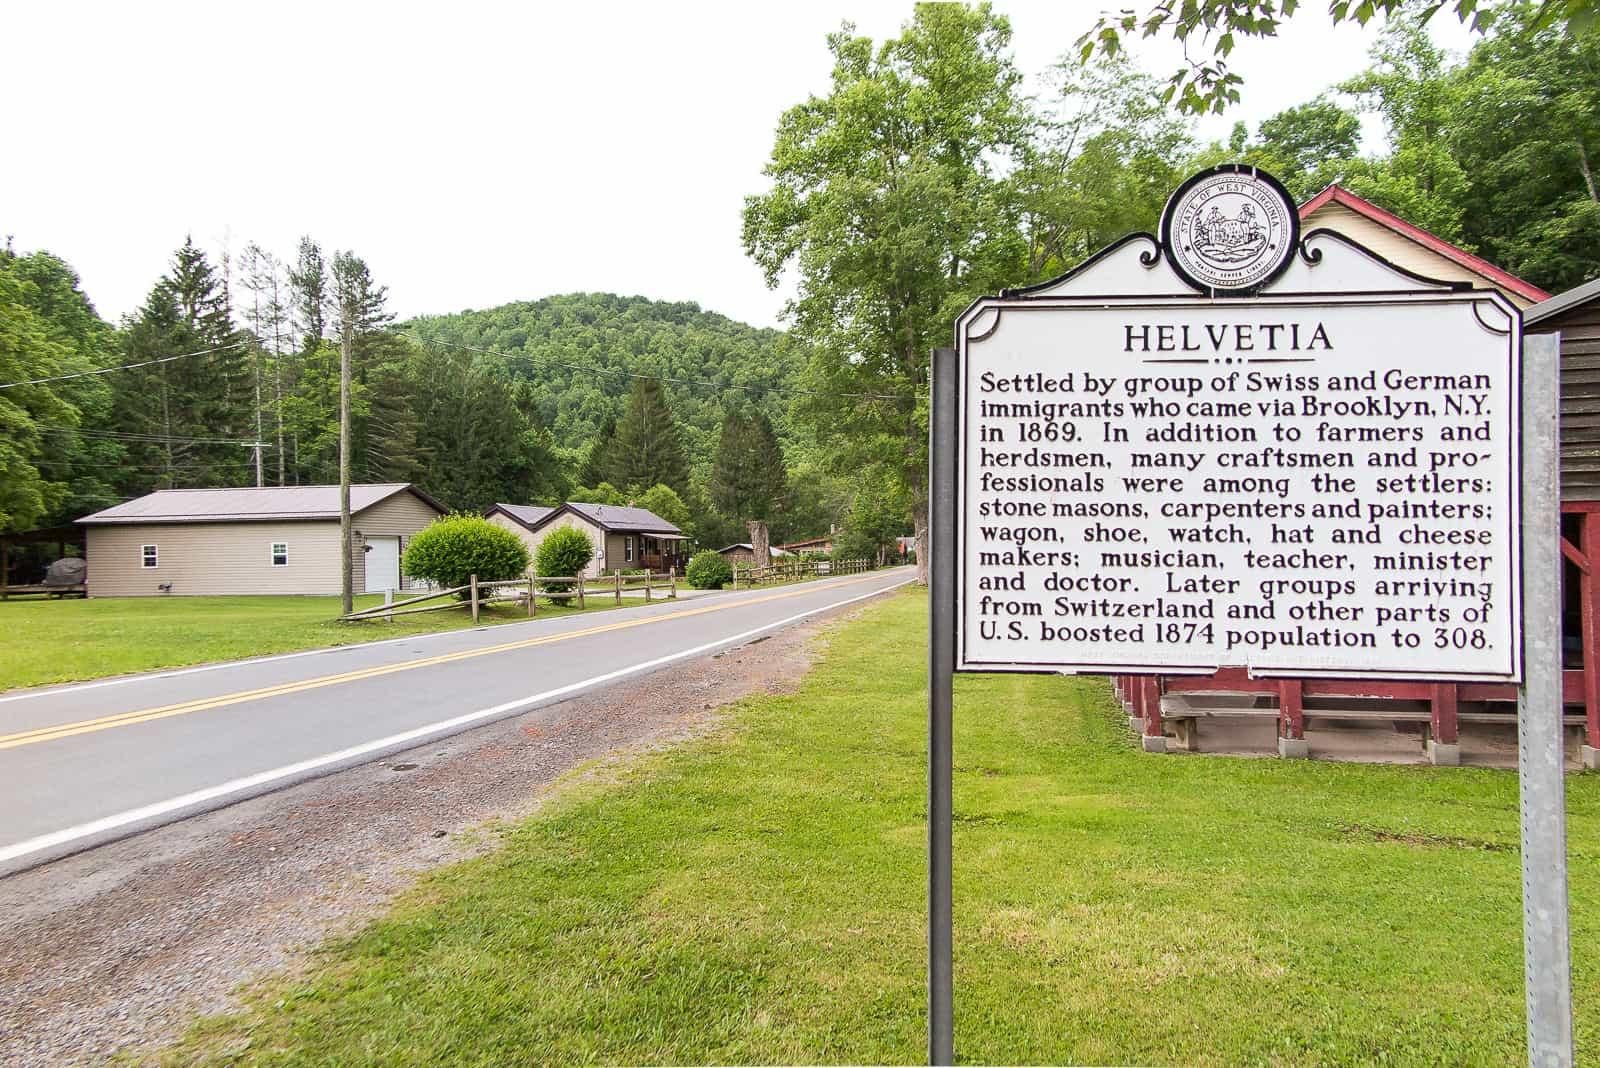 Helvetia, WV: Die ersten Schweizer Siedler kamen 1869